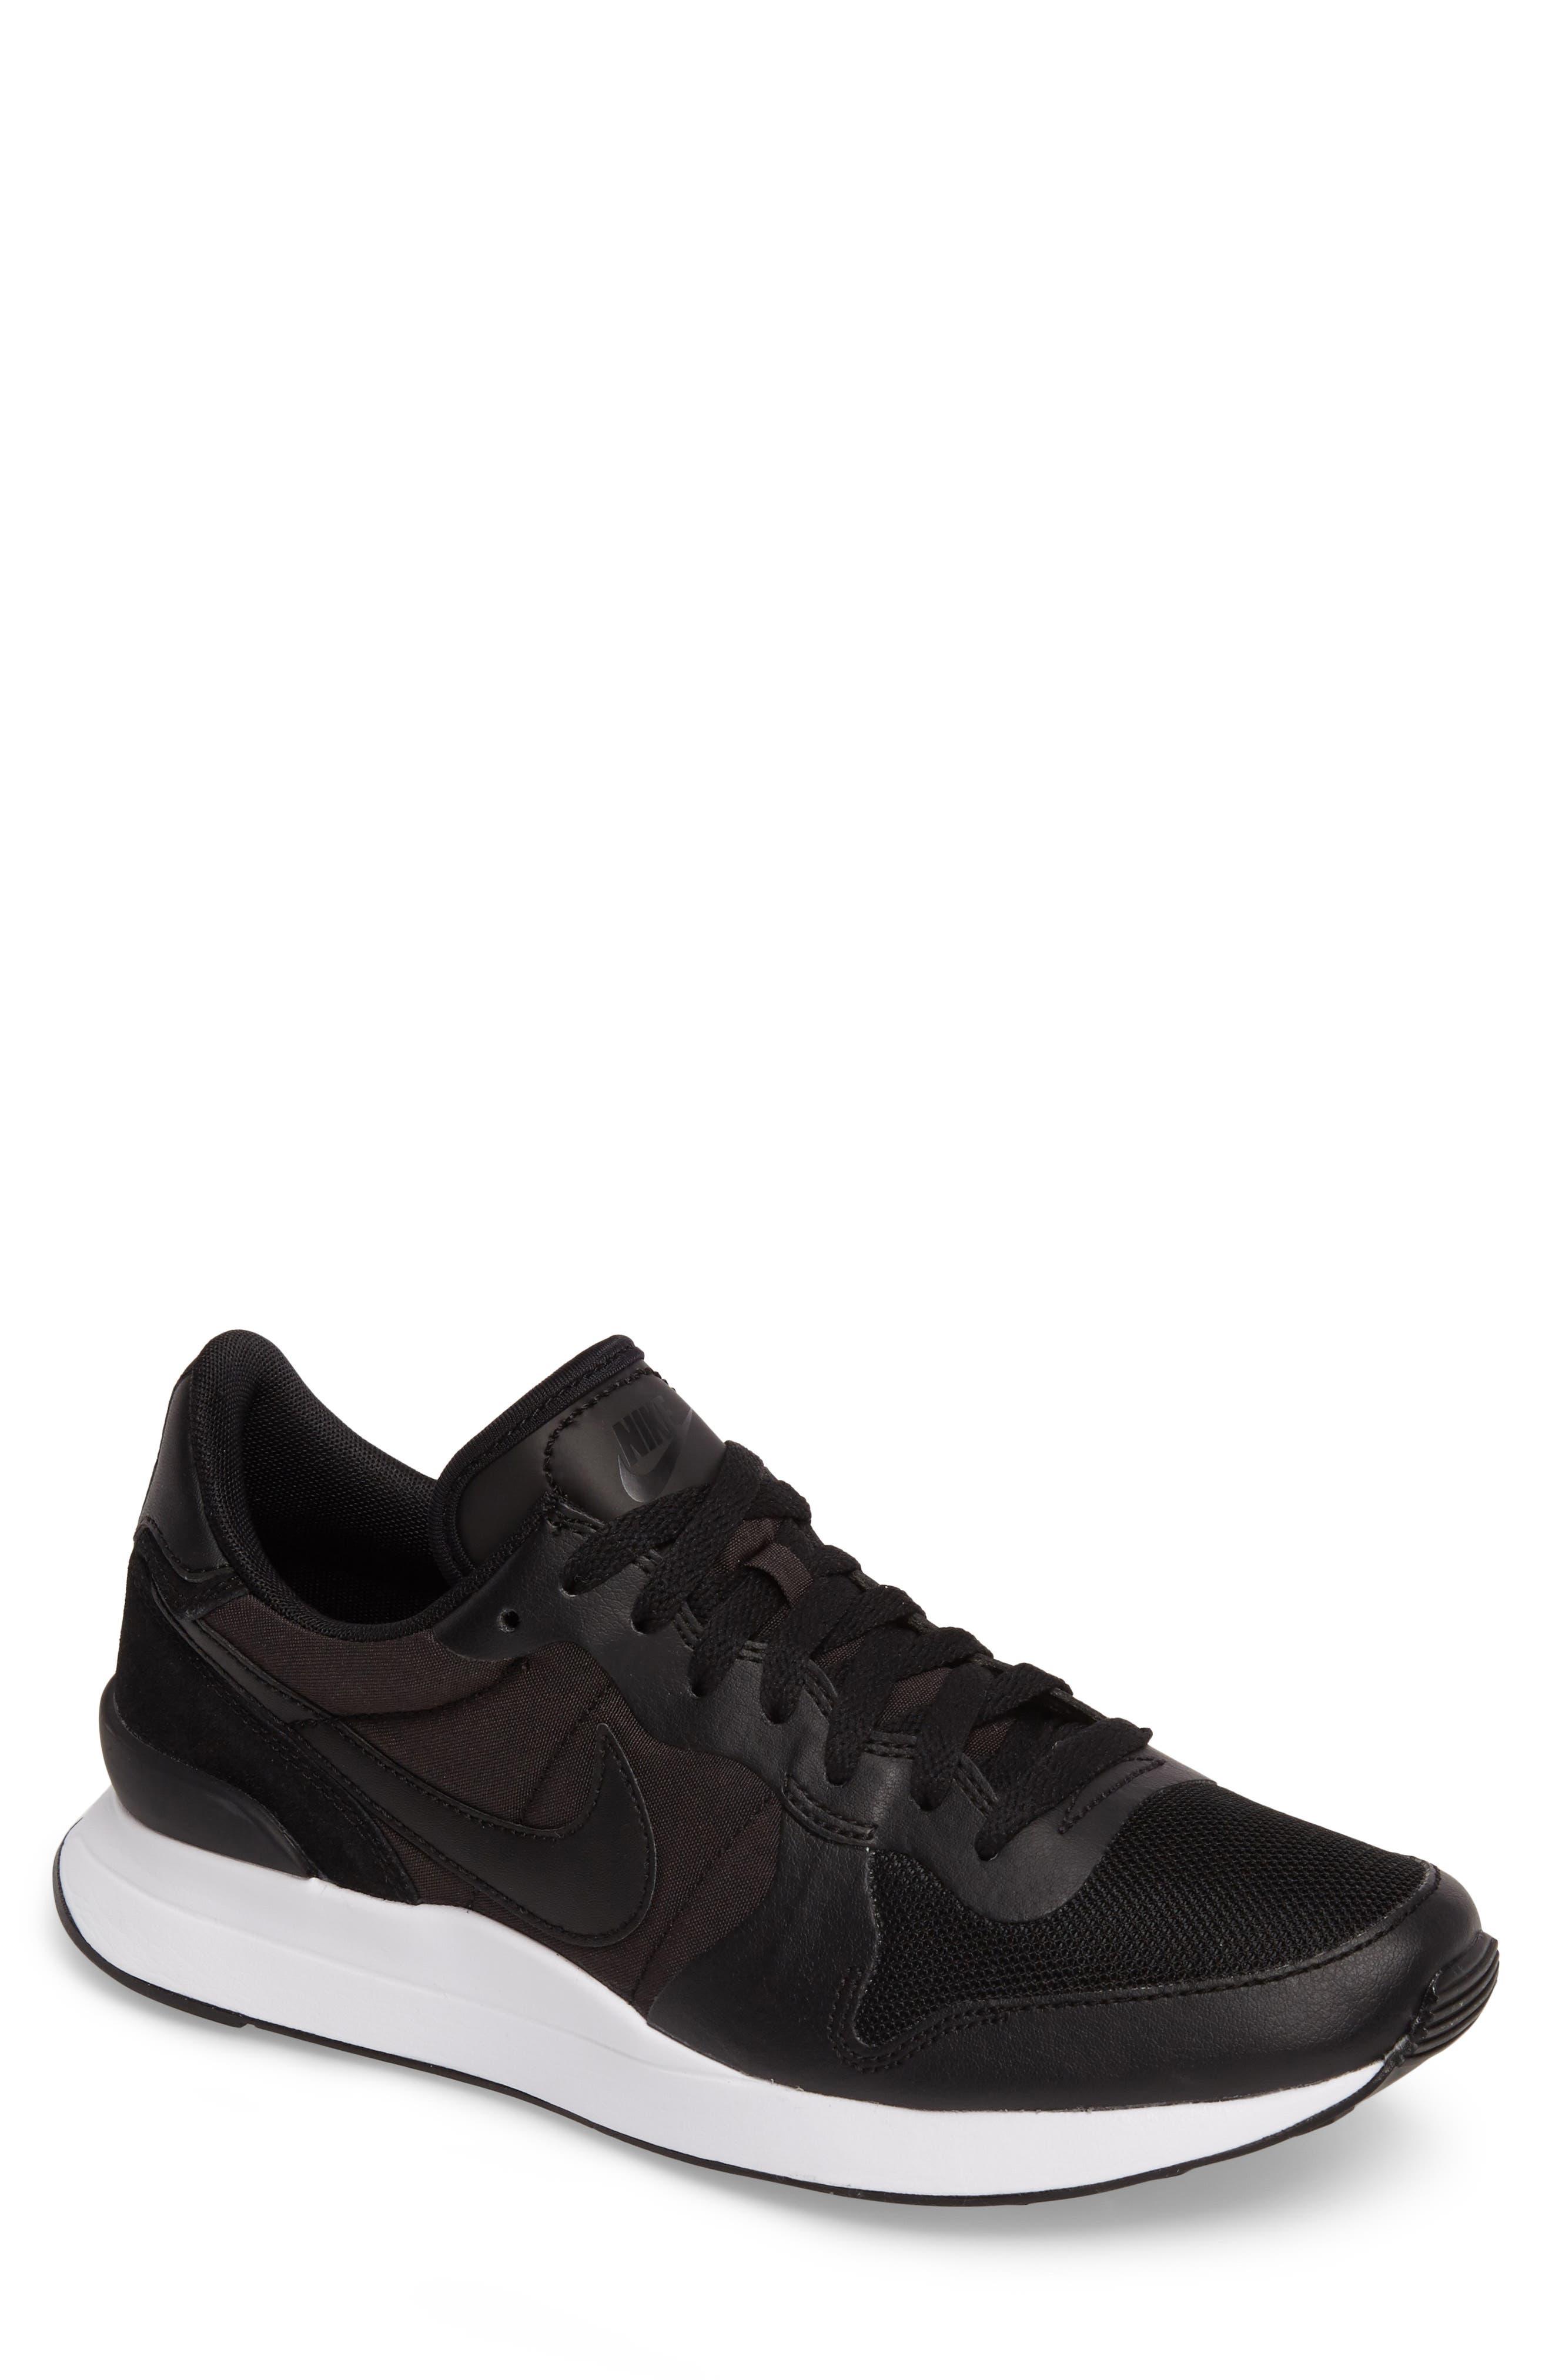 Internationalist LT17 Sneaker,                         Main,                         color, Black/ Black/ White